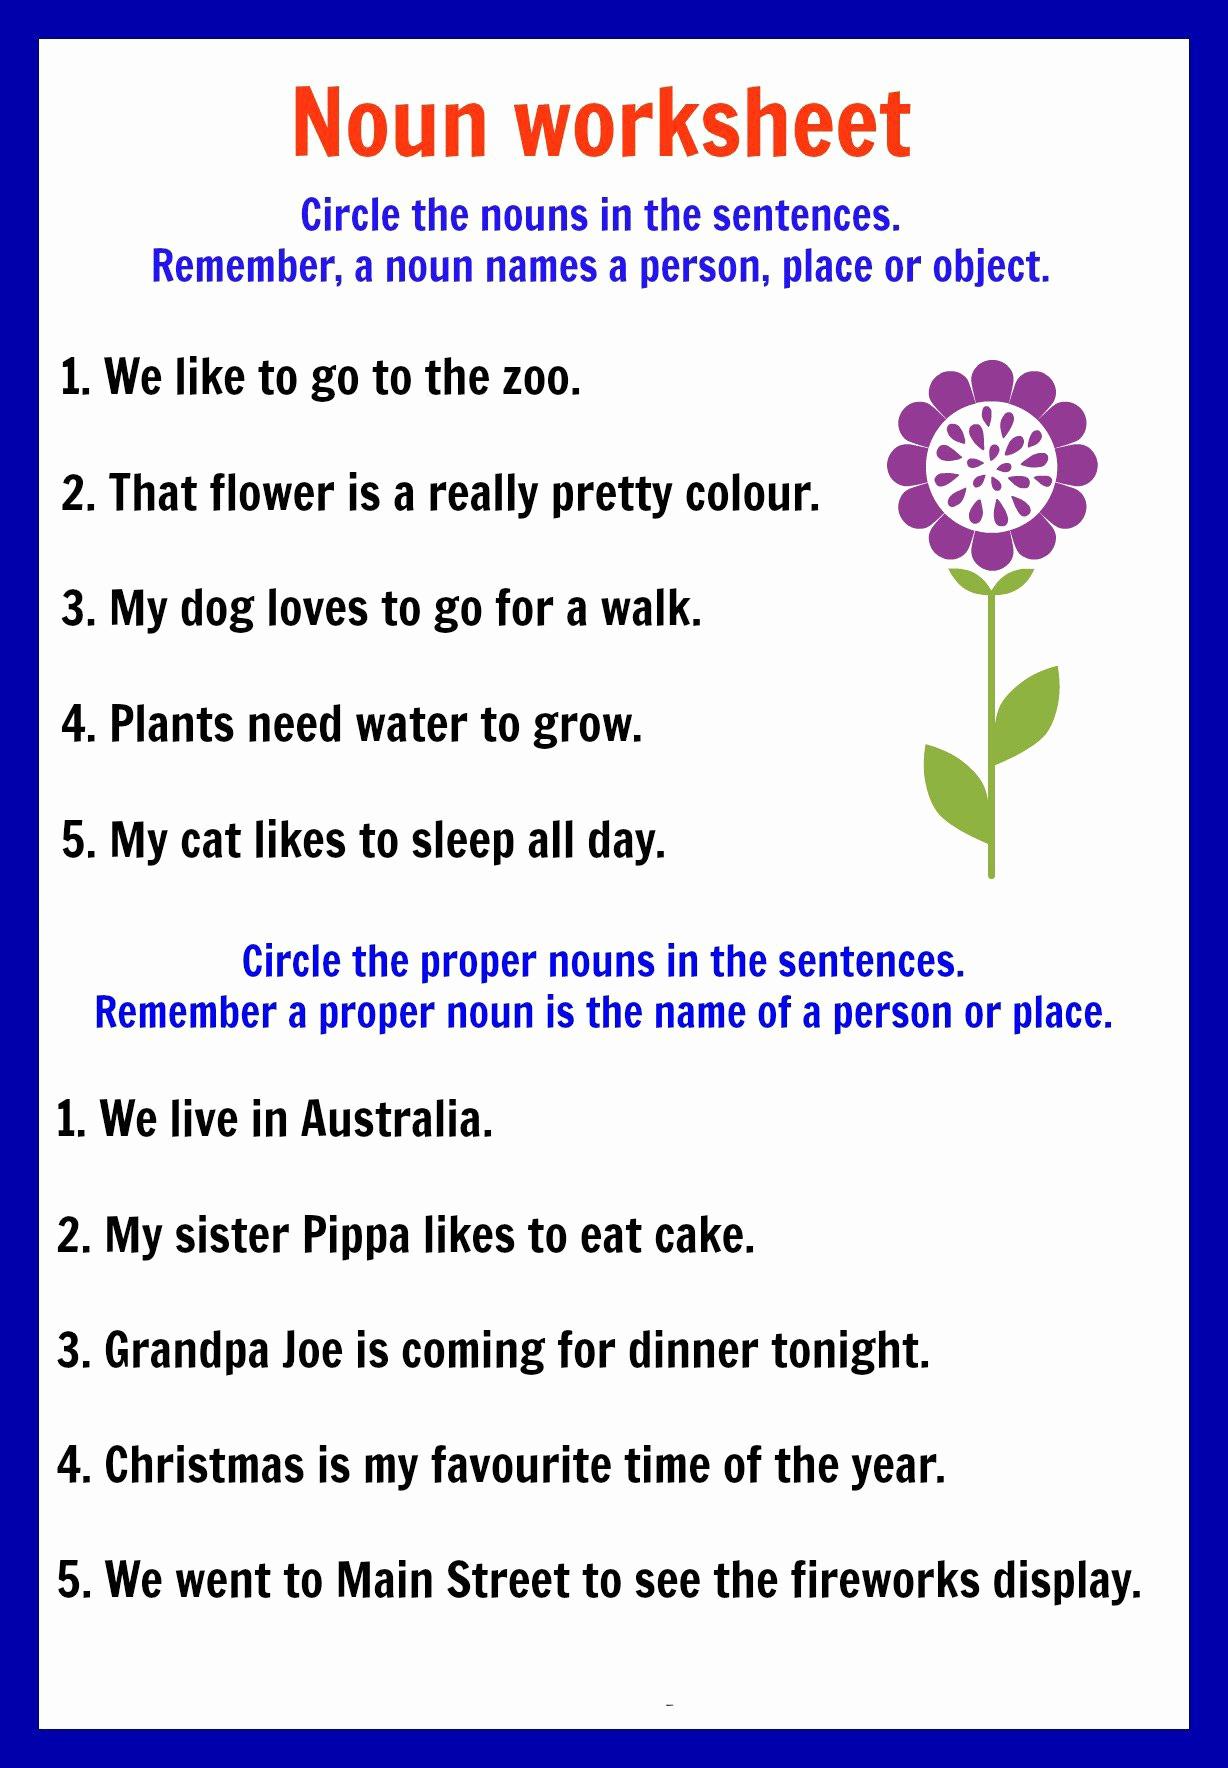 Free Proper Noun Worksheets Inspirational Proper Nouns Worksheets for Kindergarten